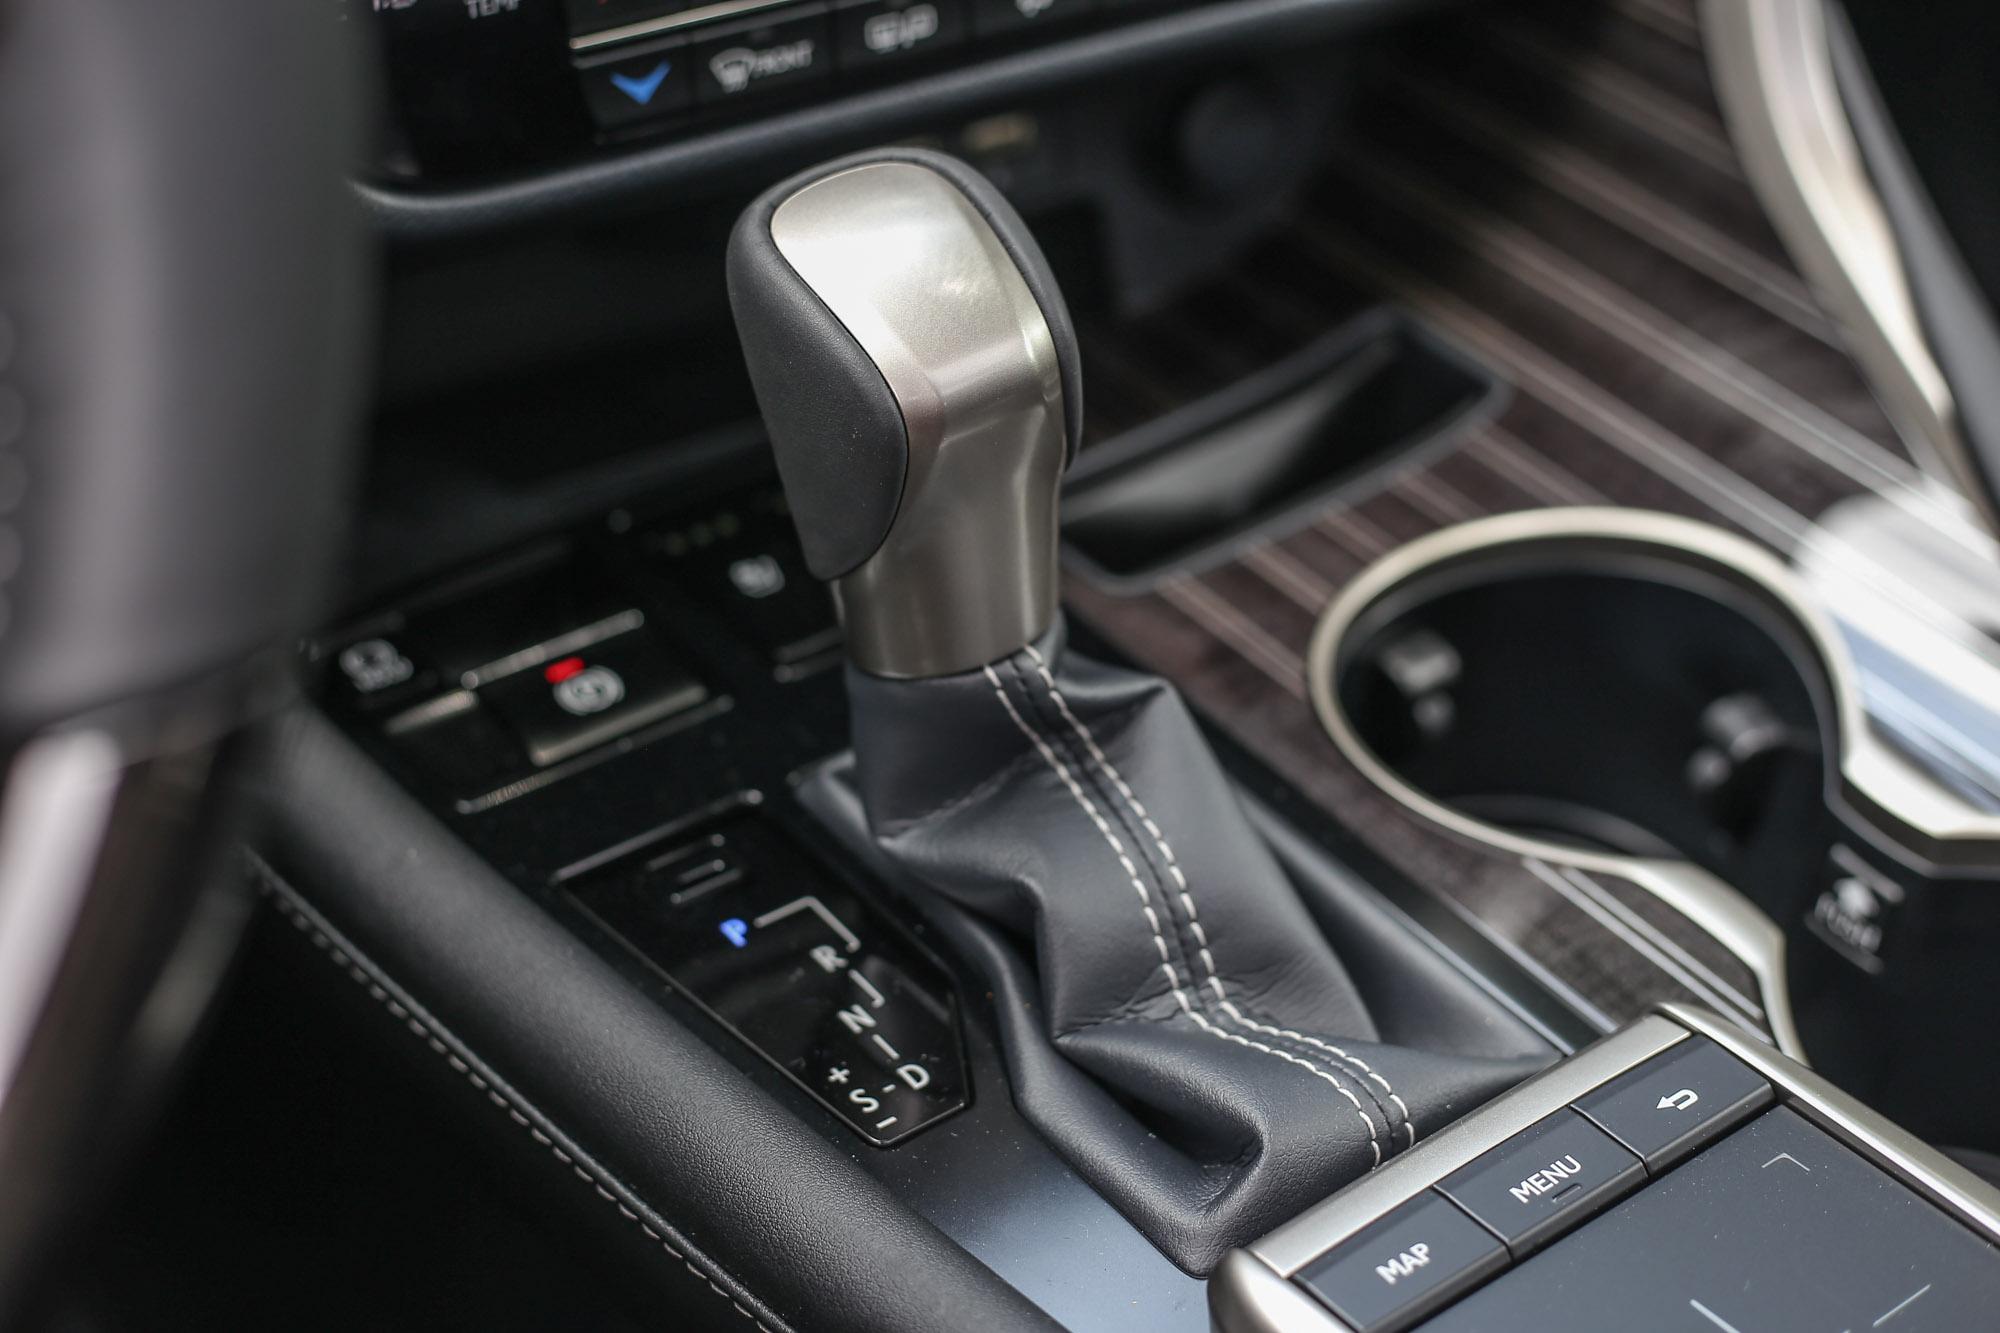 動力銜接 Hybrid ECVT 電子無段變速系統 ( 附 6 速手自排功能 ),提供 EV/ECO / NORMAL / SPORT S / SPORT S+ / CUSTOMIZE 多重駕馭模式與 E-Four AWD 電子式四輪傳動系統。